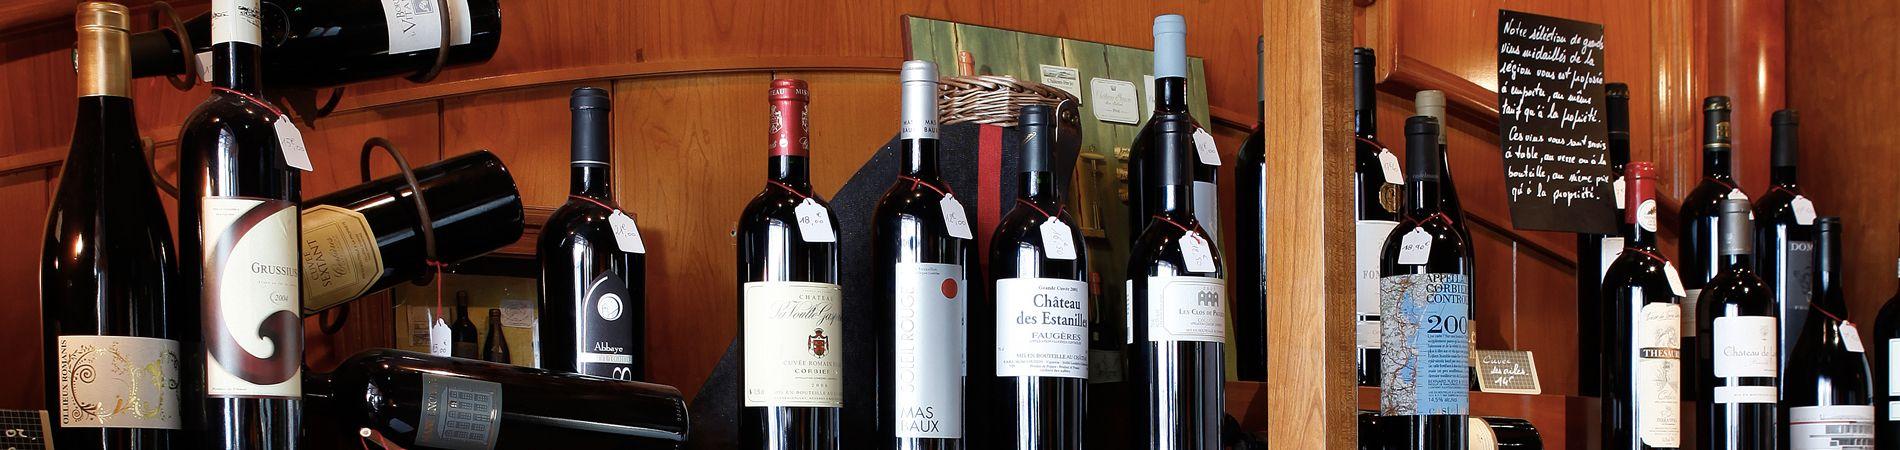 Les plus grands vins des producteurs du Languedoc-Roussillon aux grands buffets